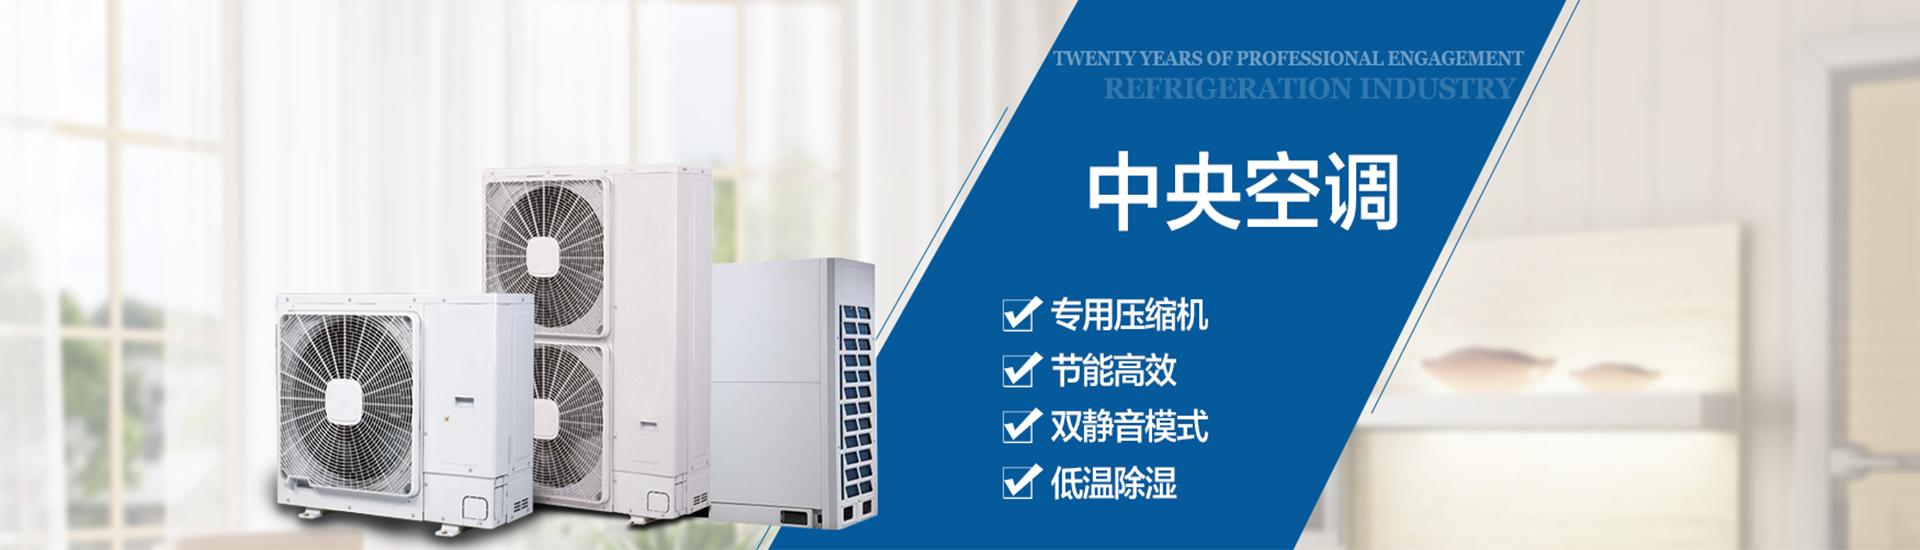 贵州天加中央空调